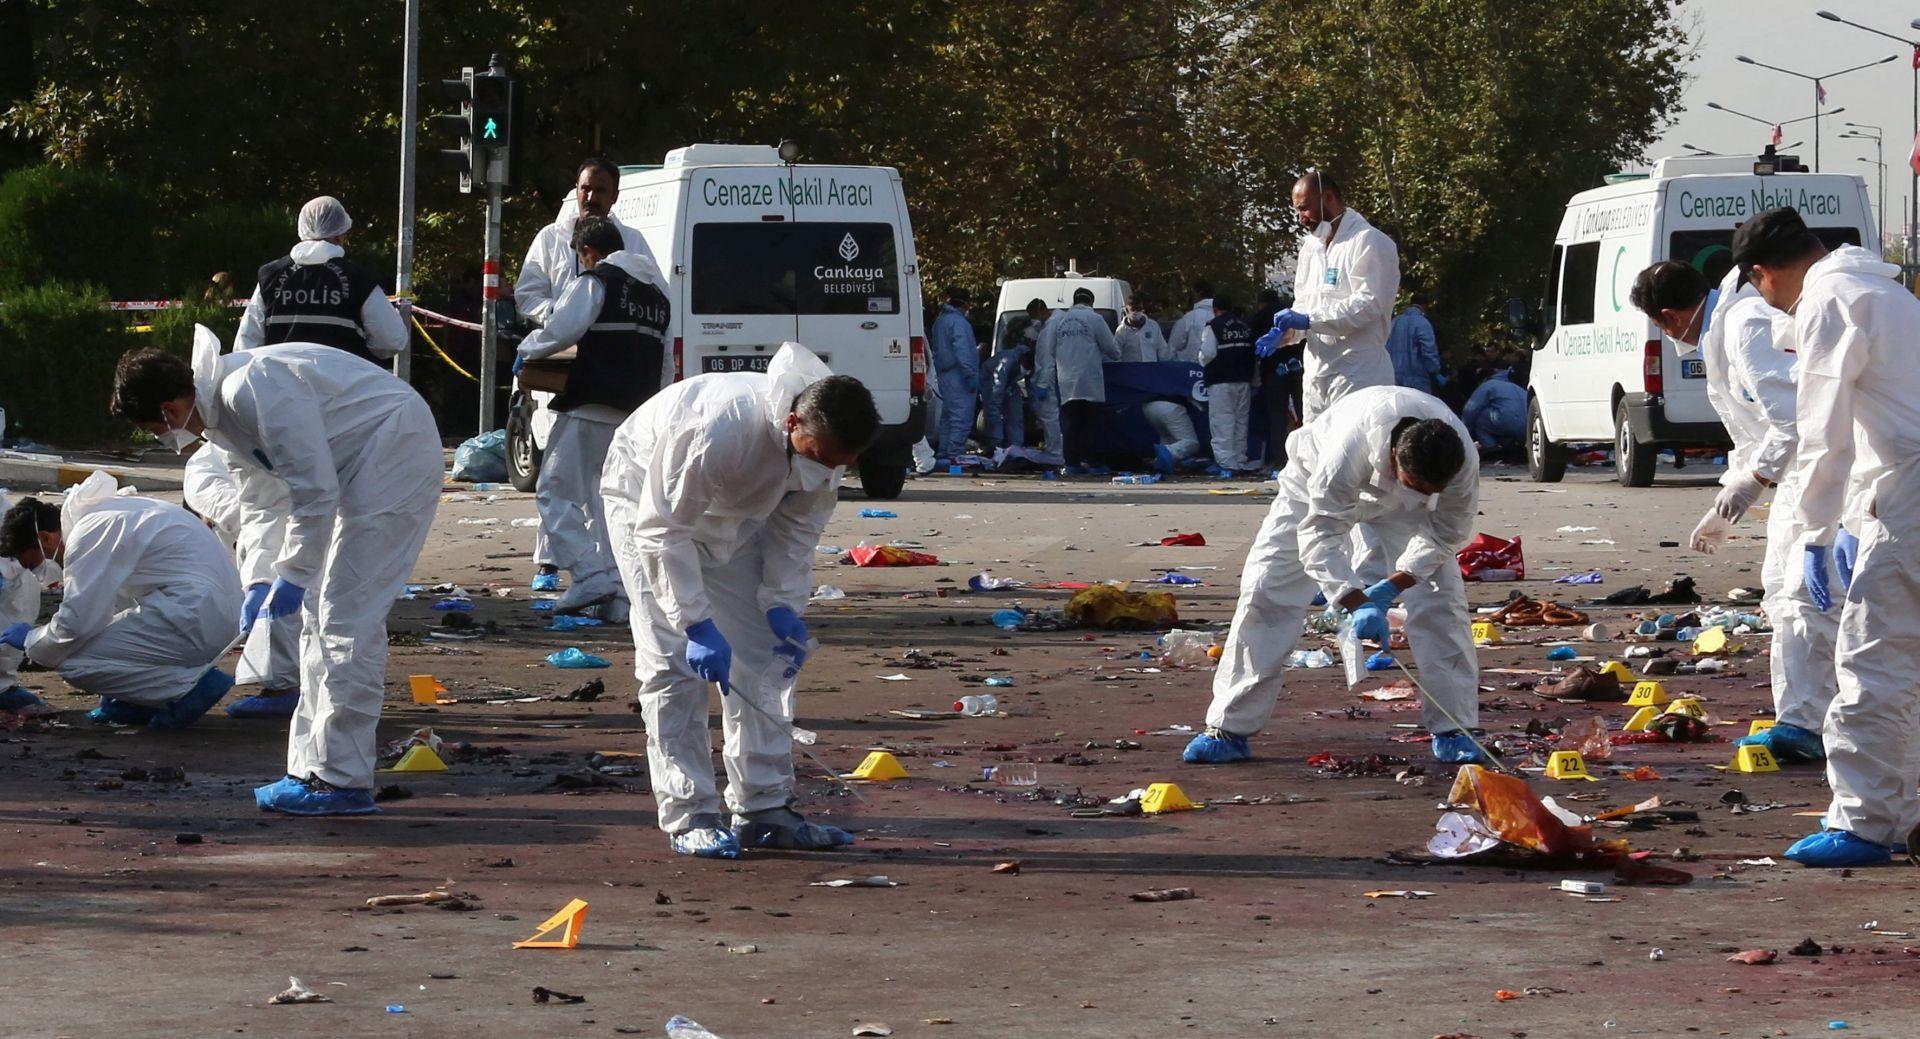 NAJSMRTONOSNIJI TERORISTIČKI NAPAD U TURSKOJ POVIJESTI Broj mrtvih u Ankari popeo se na 95, u bolnicama još 246 ozlijeđenih